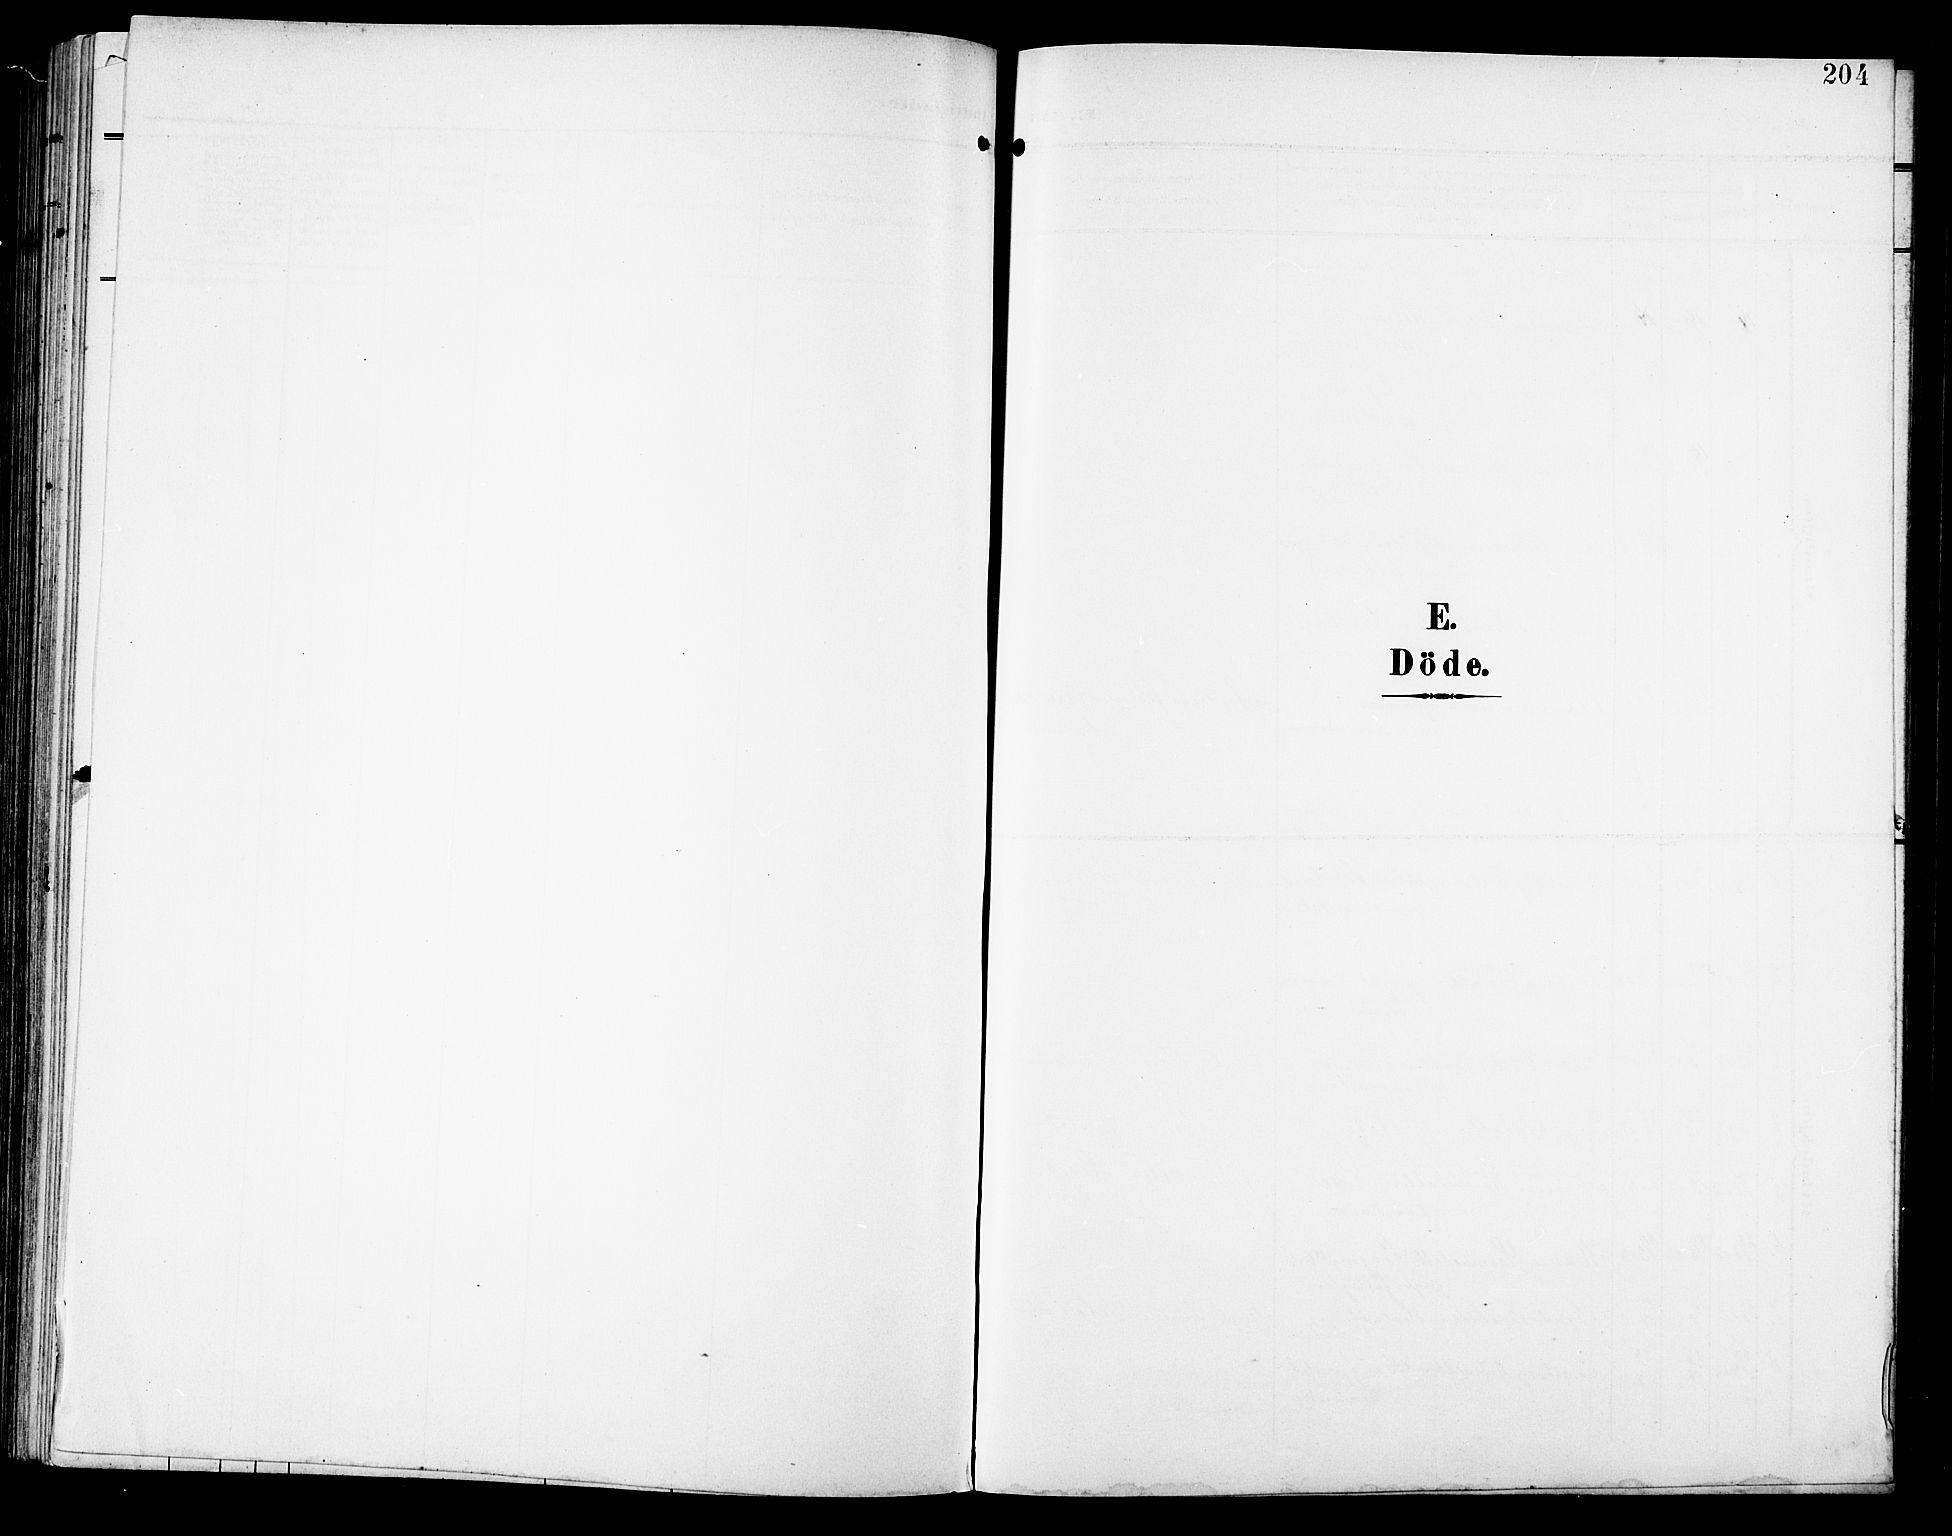 SAT, Ministerialprotokoller, klokkerbøker og fødselsregistre - Sør-Trøndelag, 672/L0864: Klokkerbok nr. 672C03, 1902-1914, s. 204